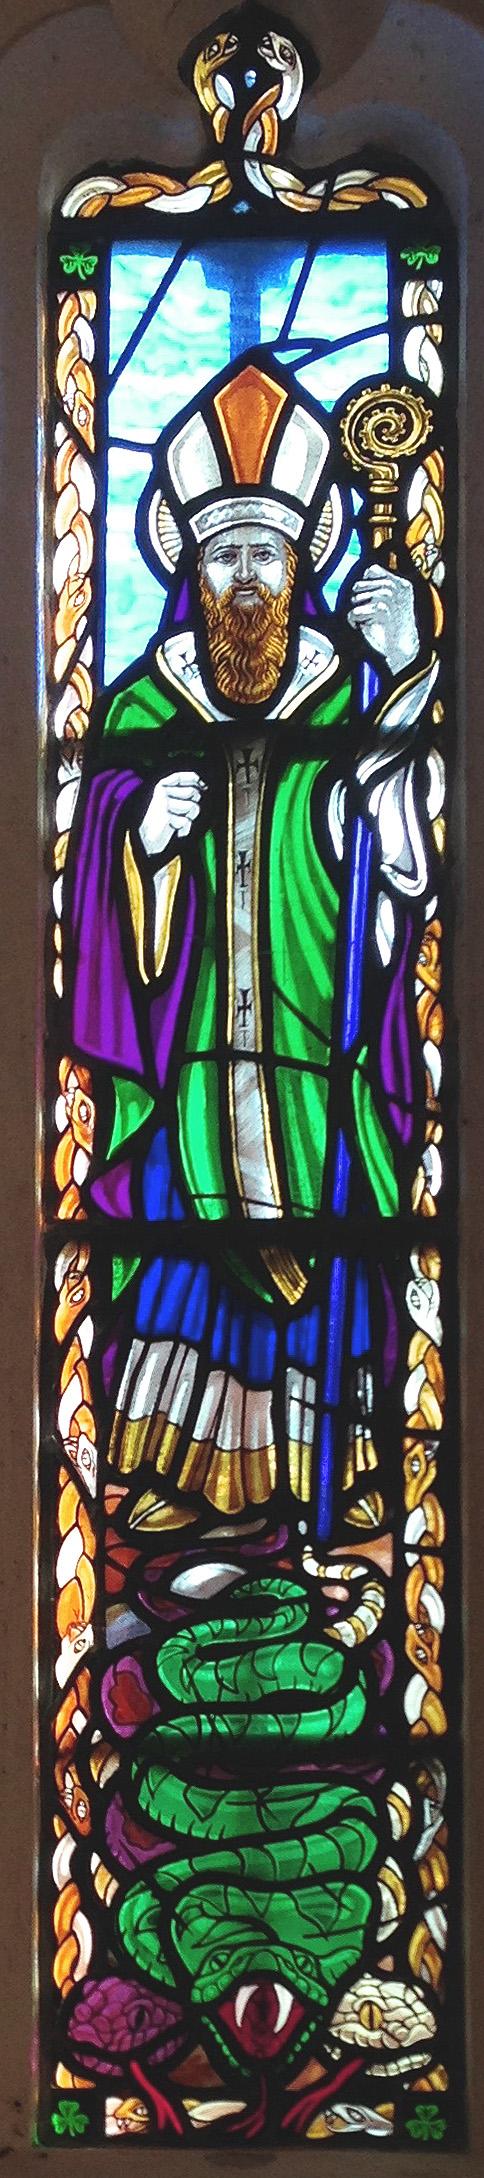 St P window Glastonbury